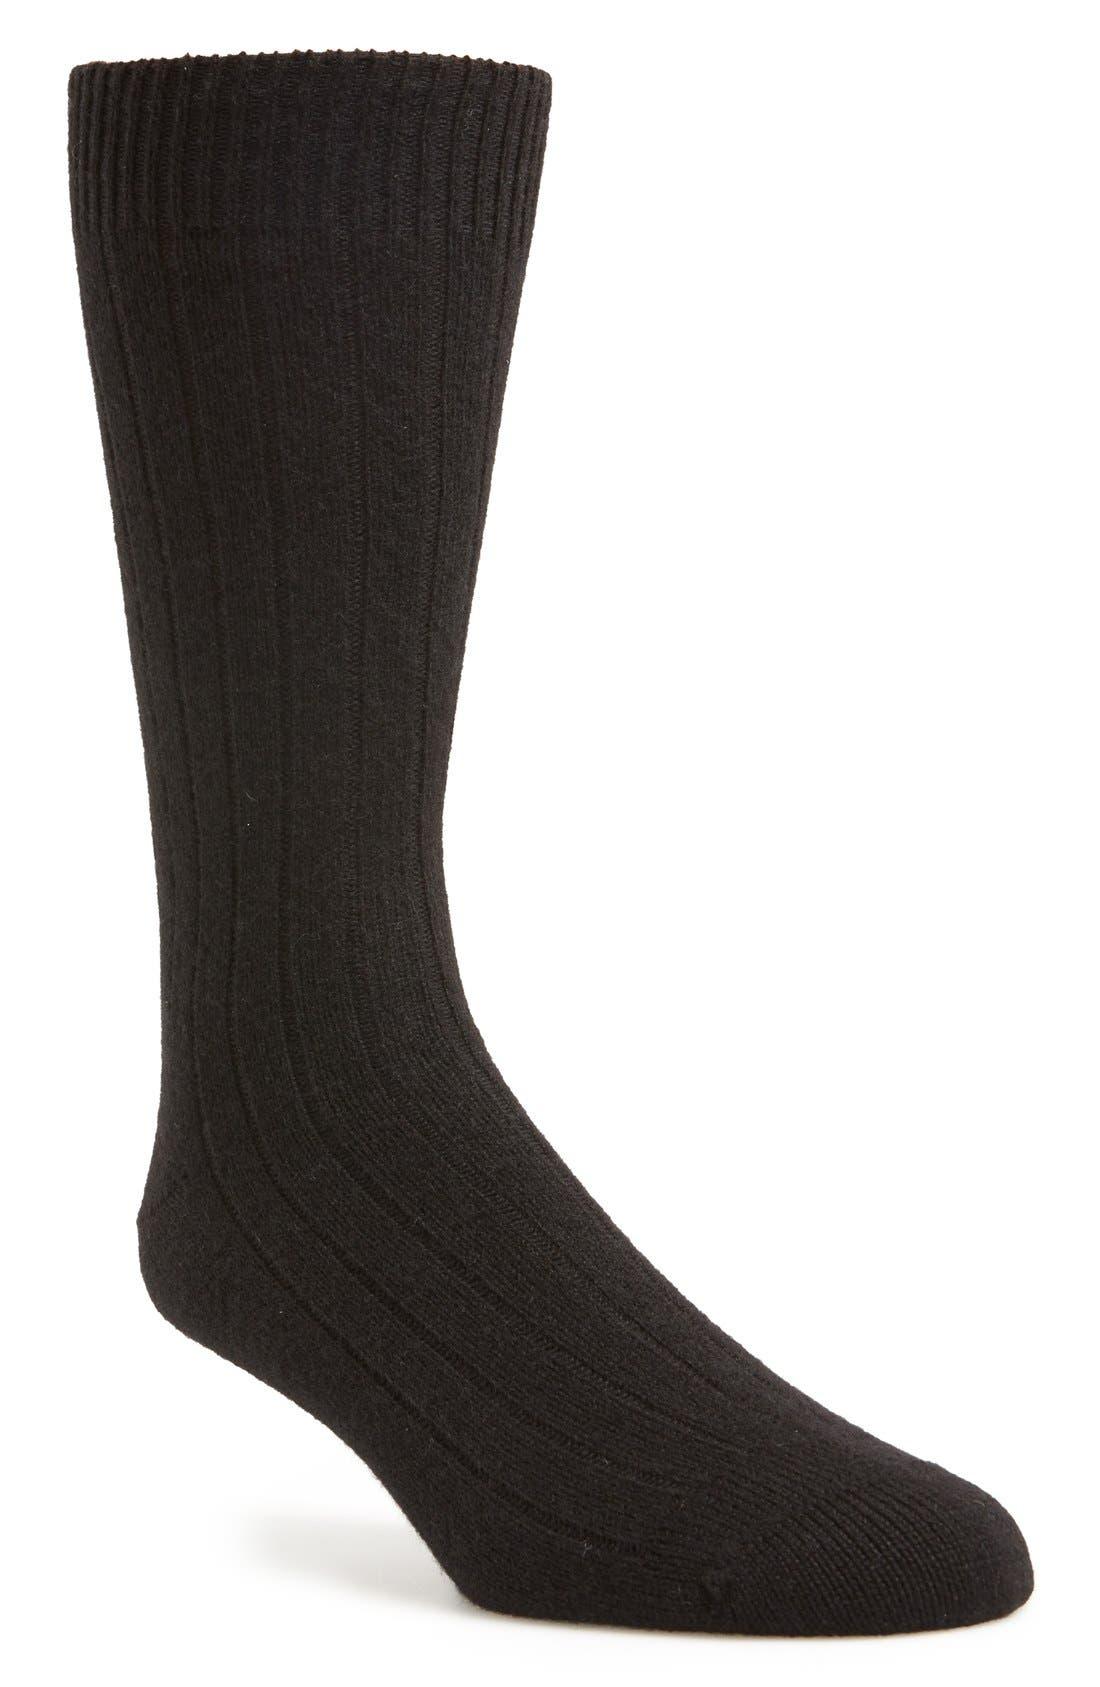 'Waddington' Cashmere Blend Mid Calf Socks,                             Main thumbnail 1, color,                             Black